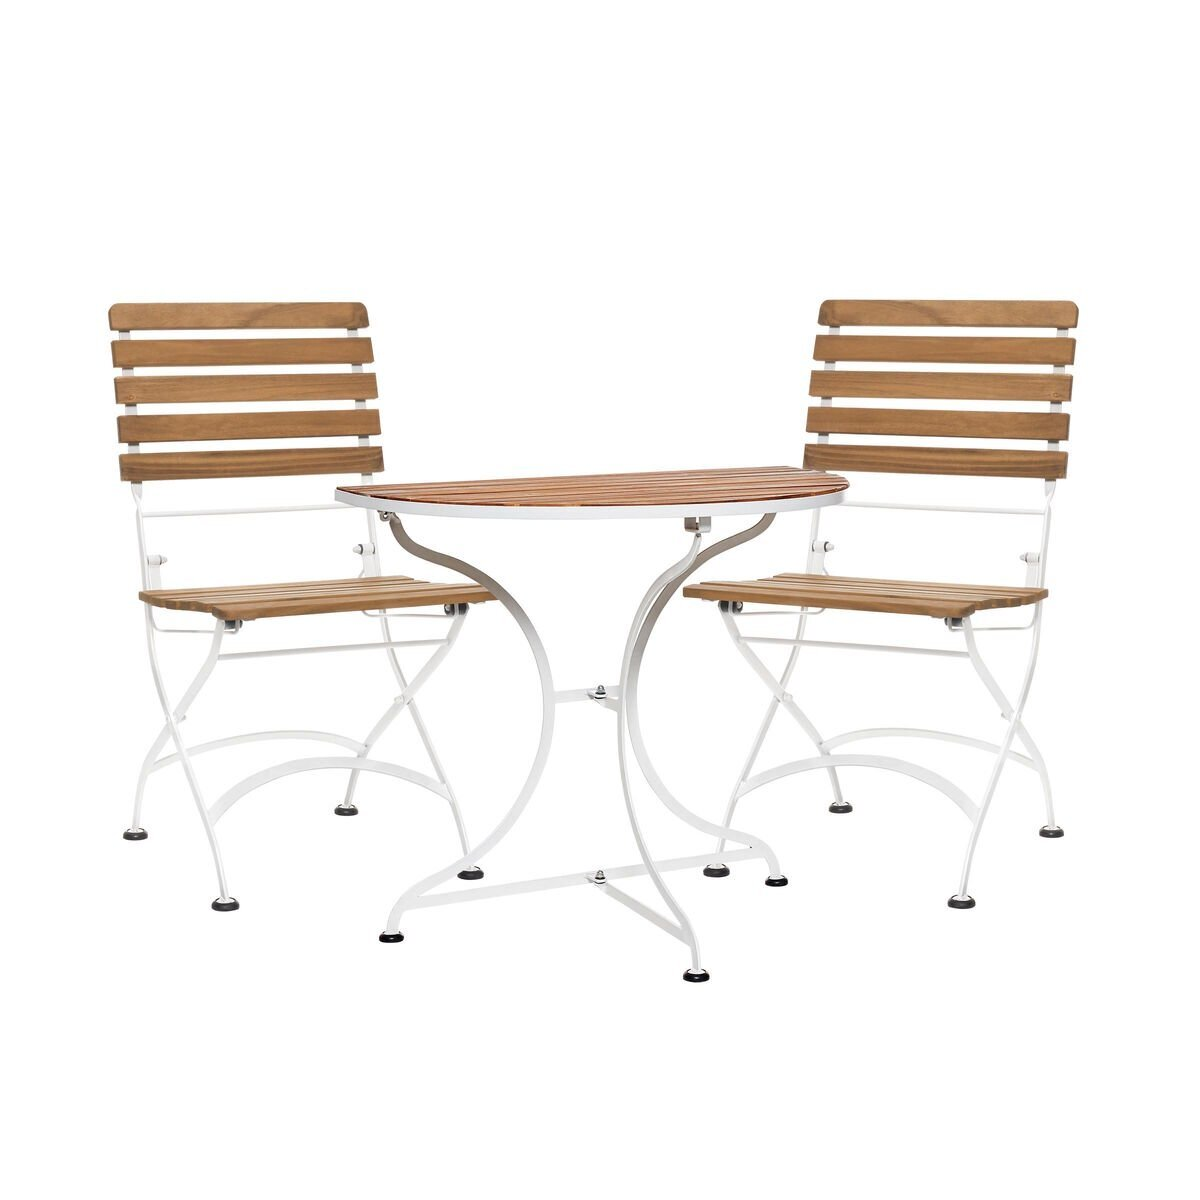 Bild 1 von Balkon-Klapptisch mit 2 Stühlen